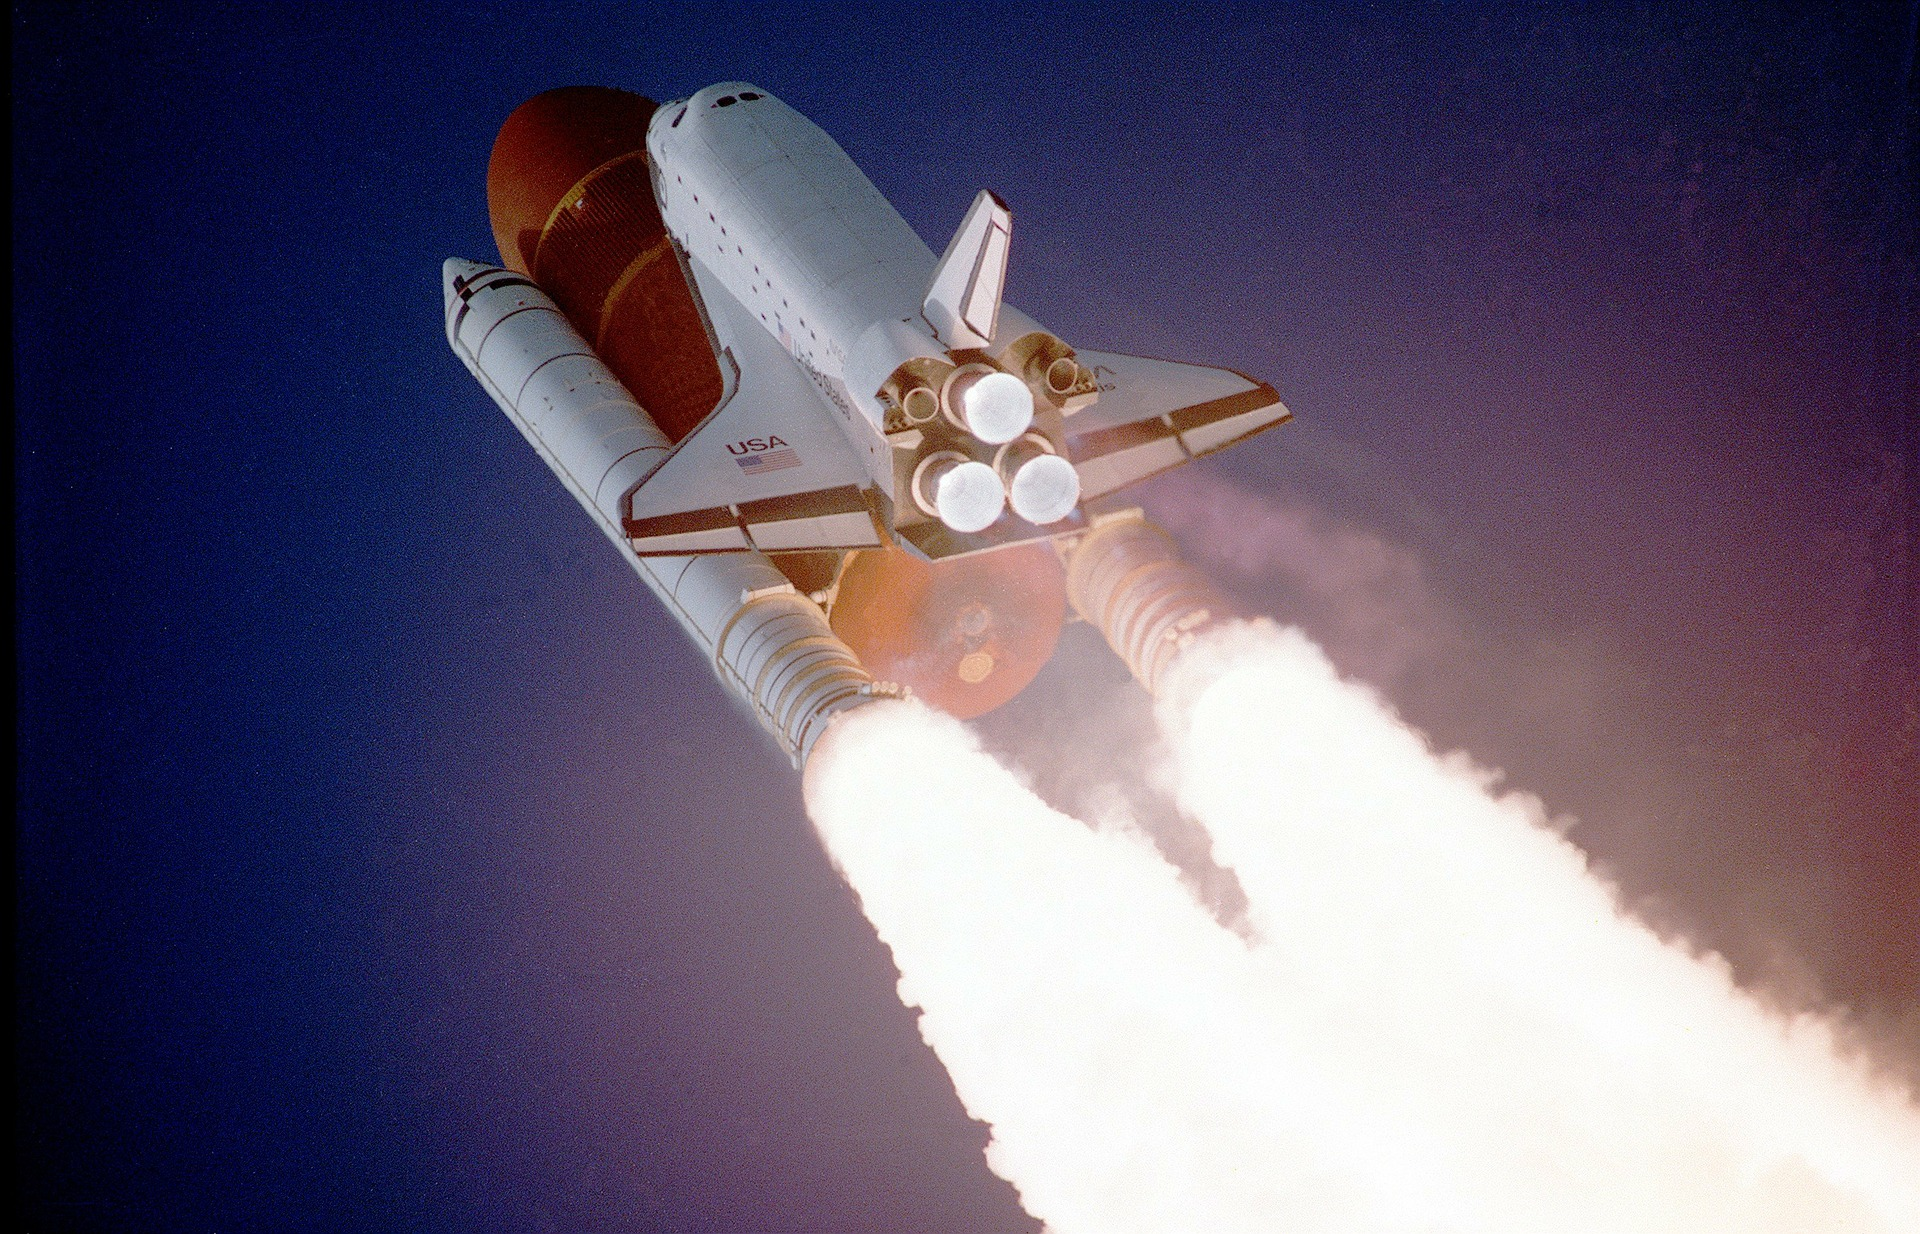 immagine shuttle in volo